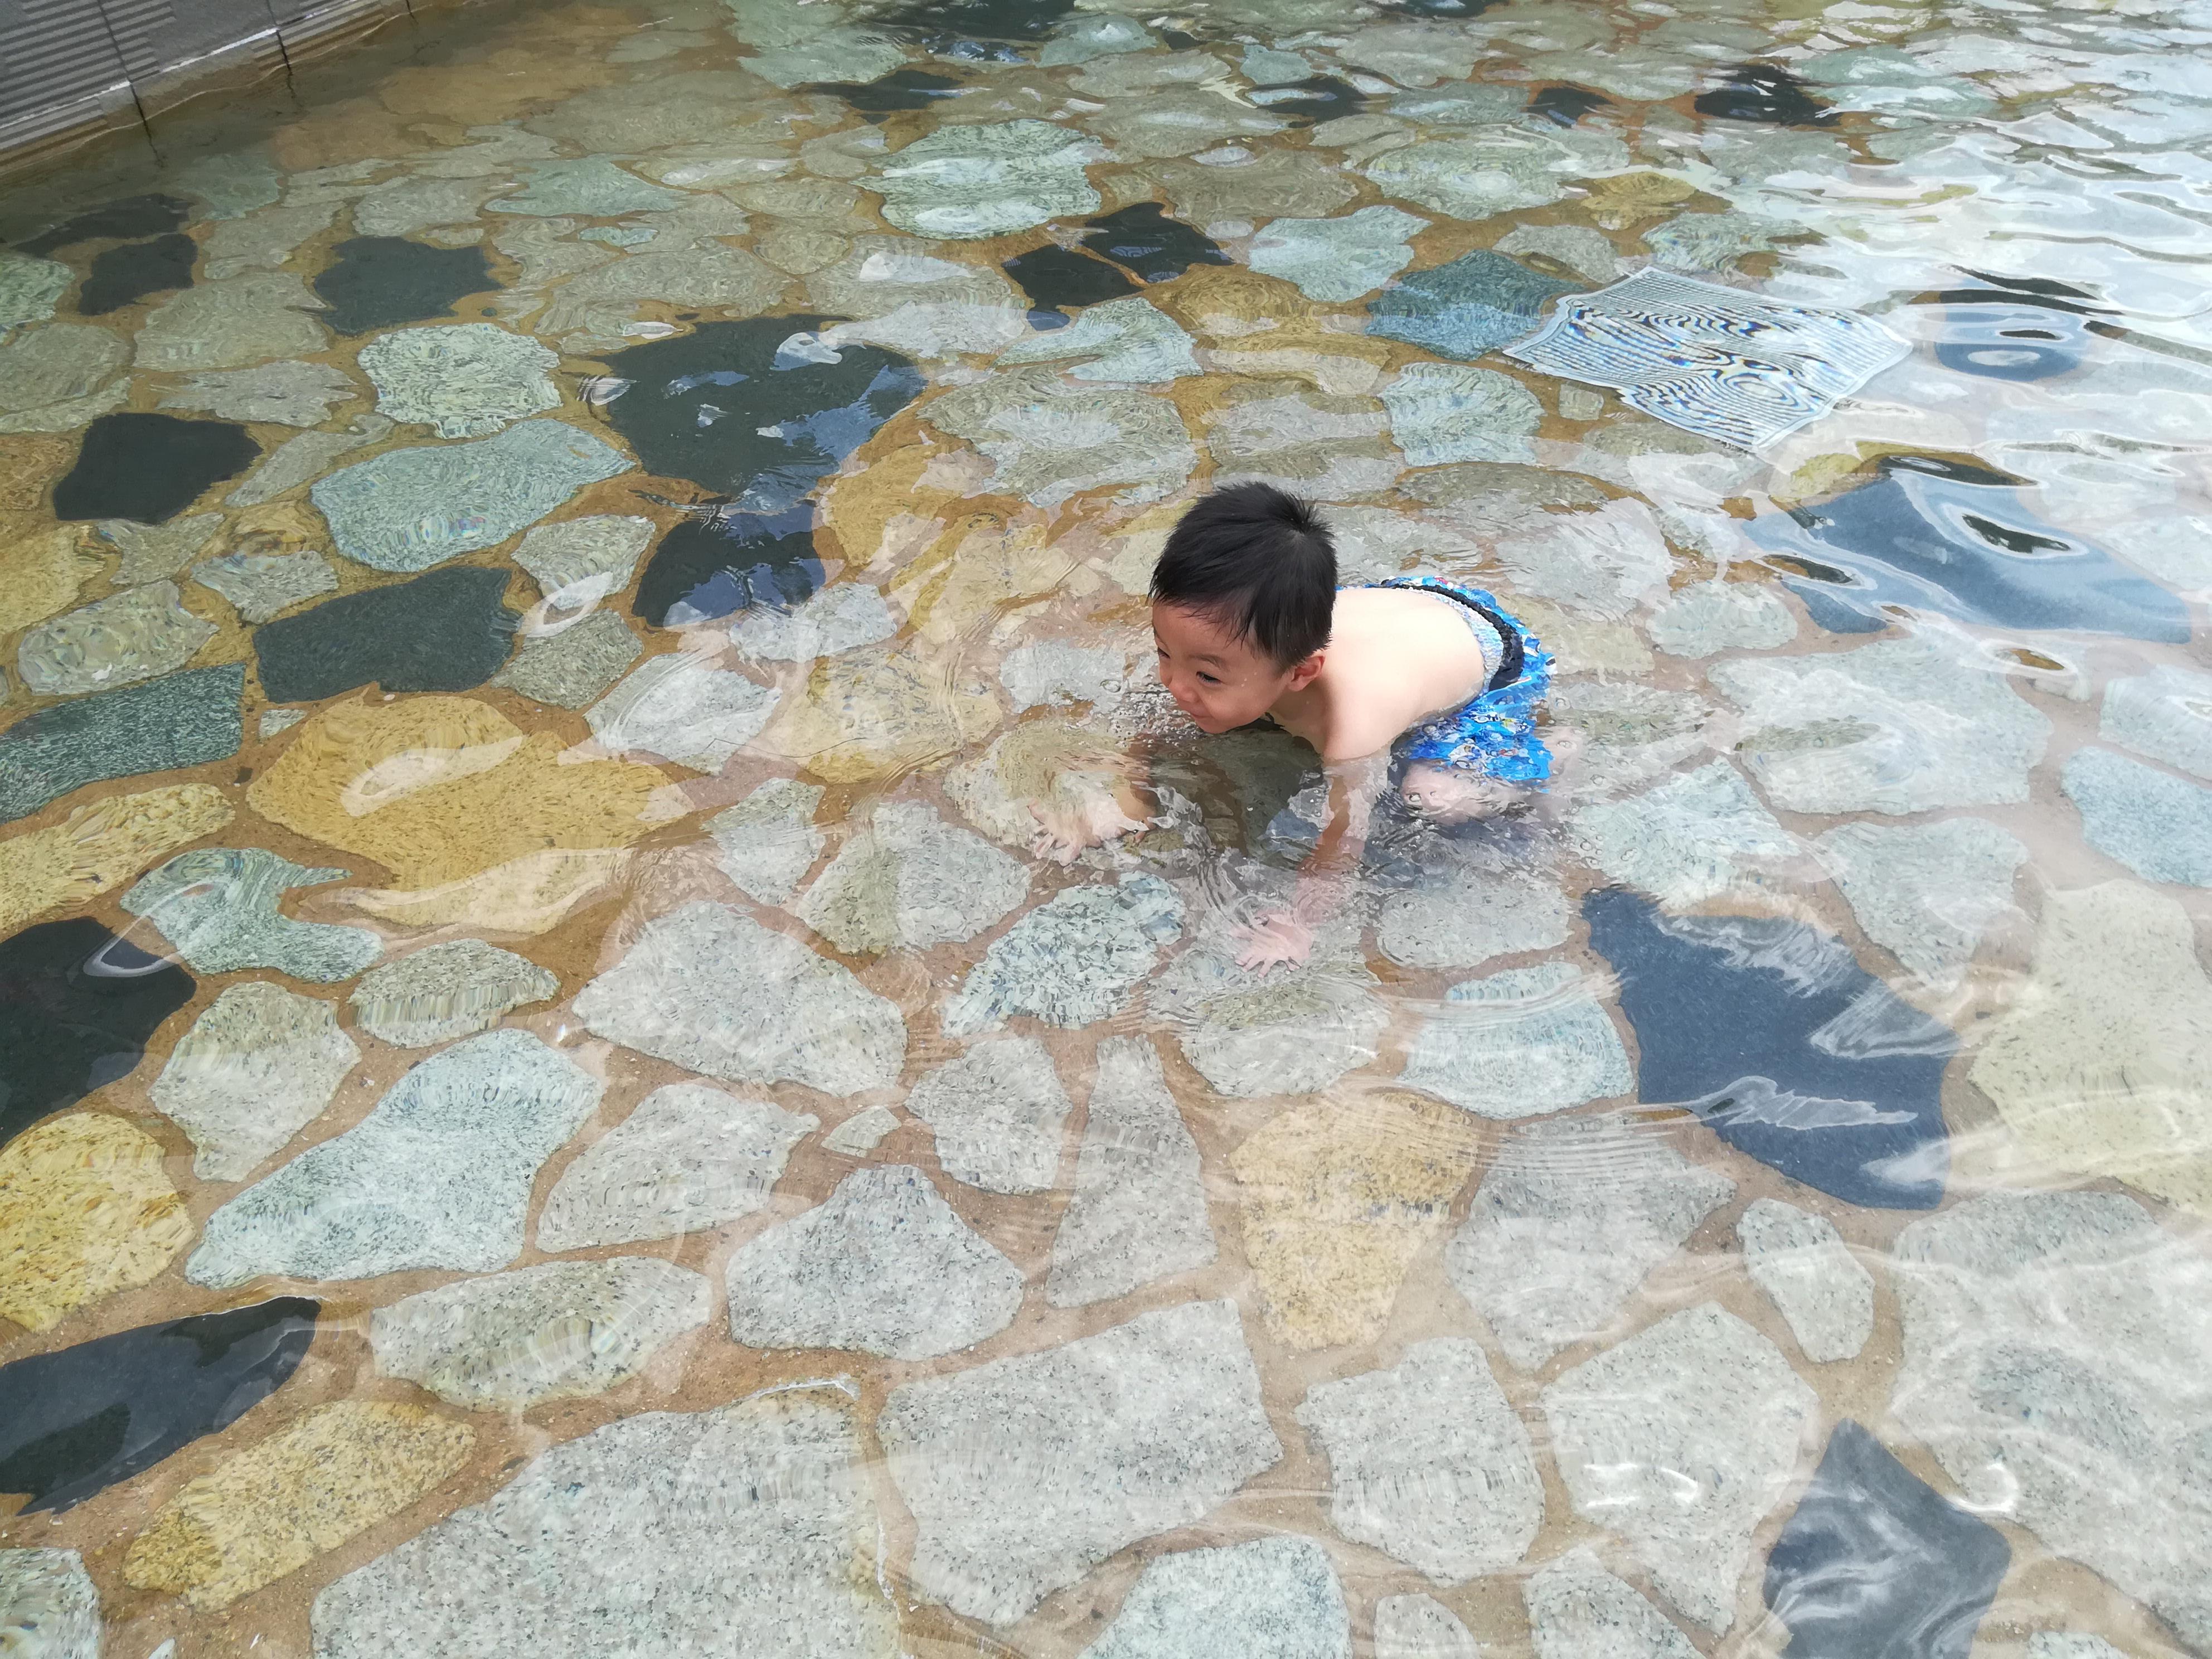 【子連れで楽しい】公園で赤ちゃんを水遊びさせたい!持って行くべき服装と持ち物をまとめてみた。